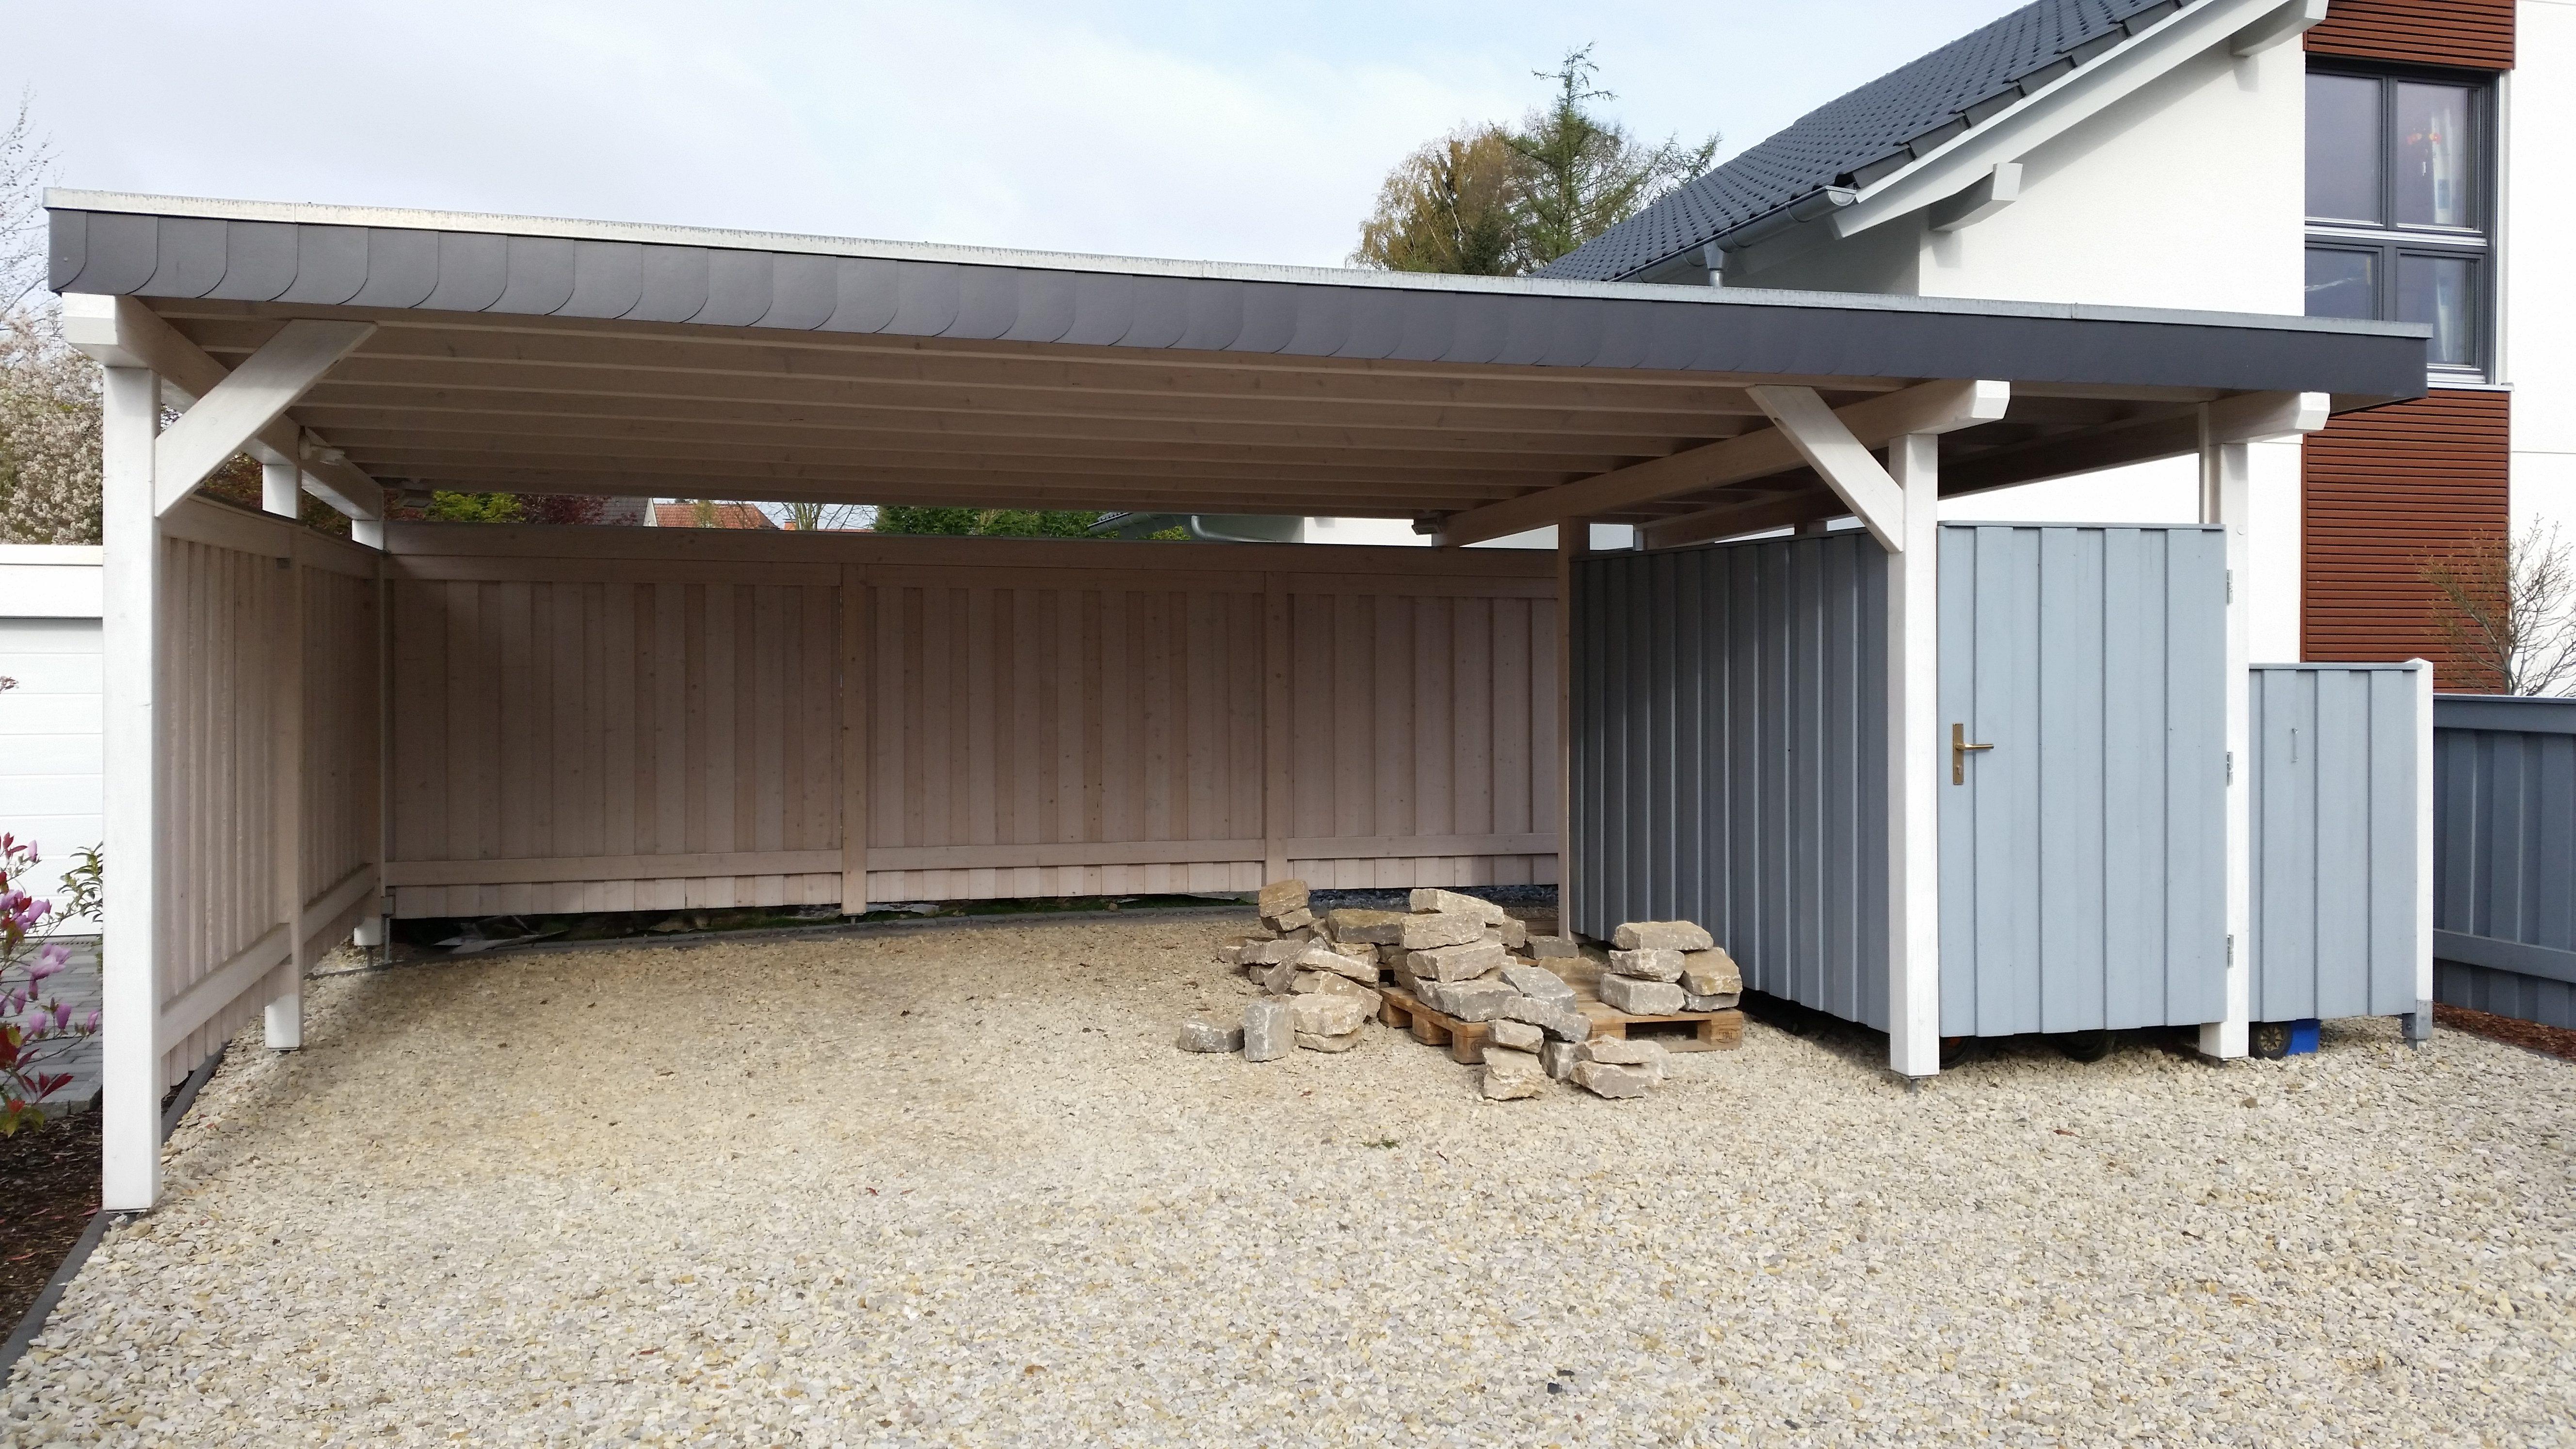 Doppel-Carport mit Abstellflächen